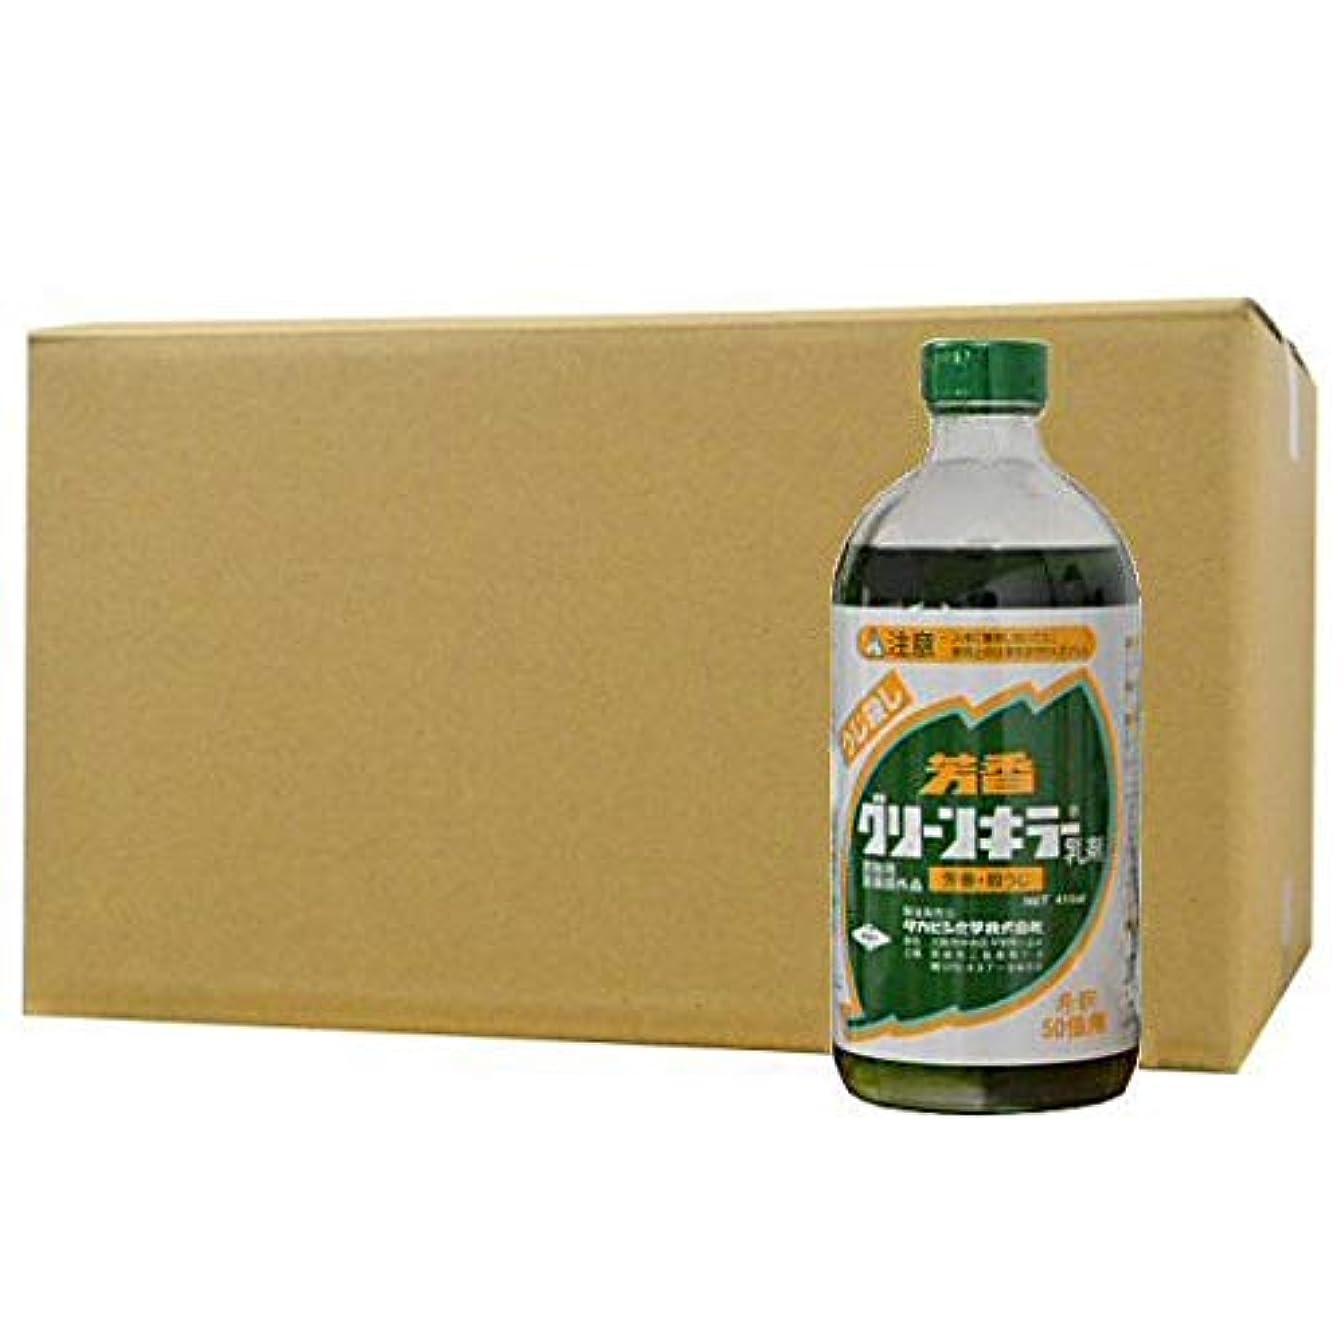 ミュージカルピニオン橋脚芳香グリーンキラー乳剤 410ml ×12本